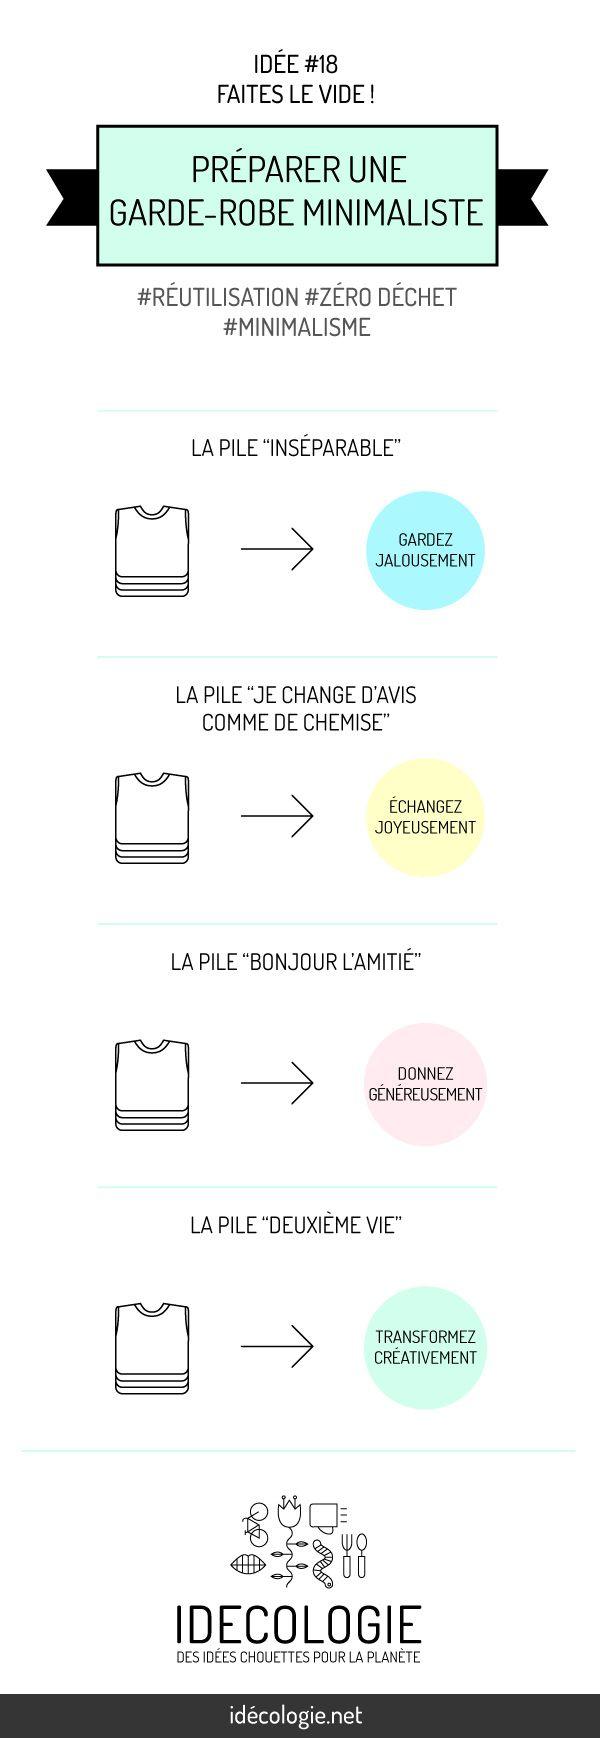 Préparer une garde-robe minimaliste #idecologie #reutilisation #zerodechet…